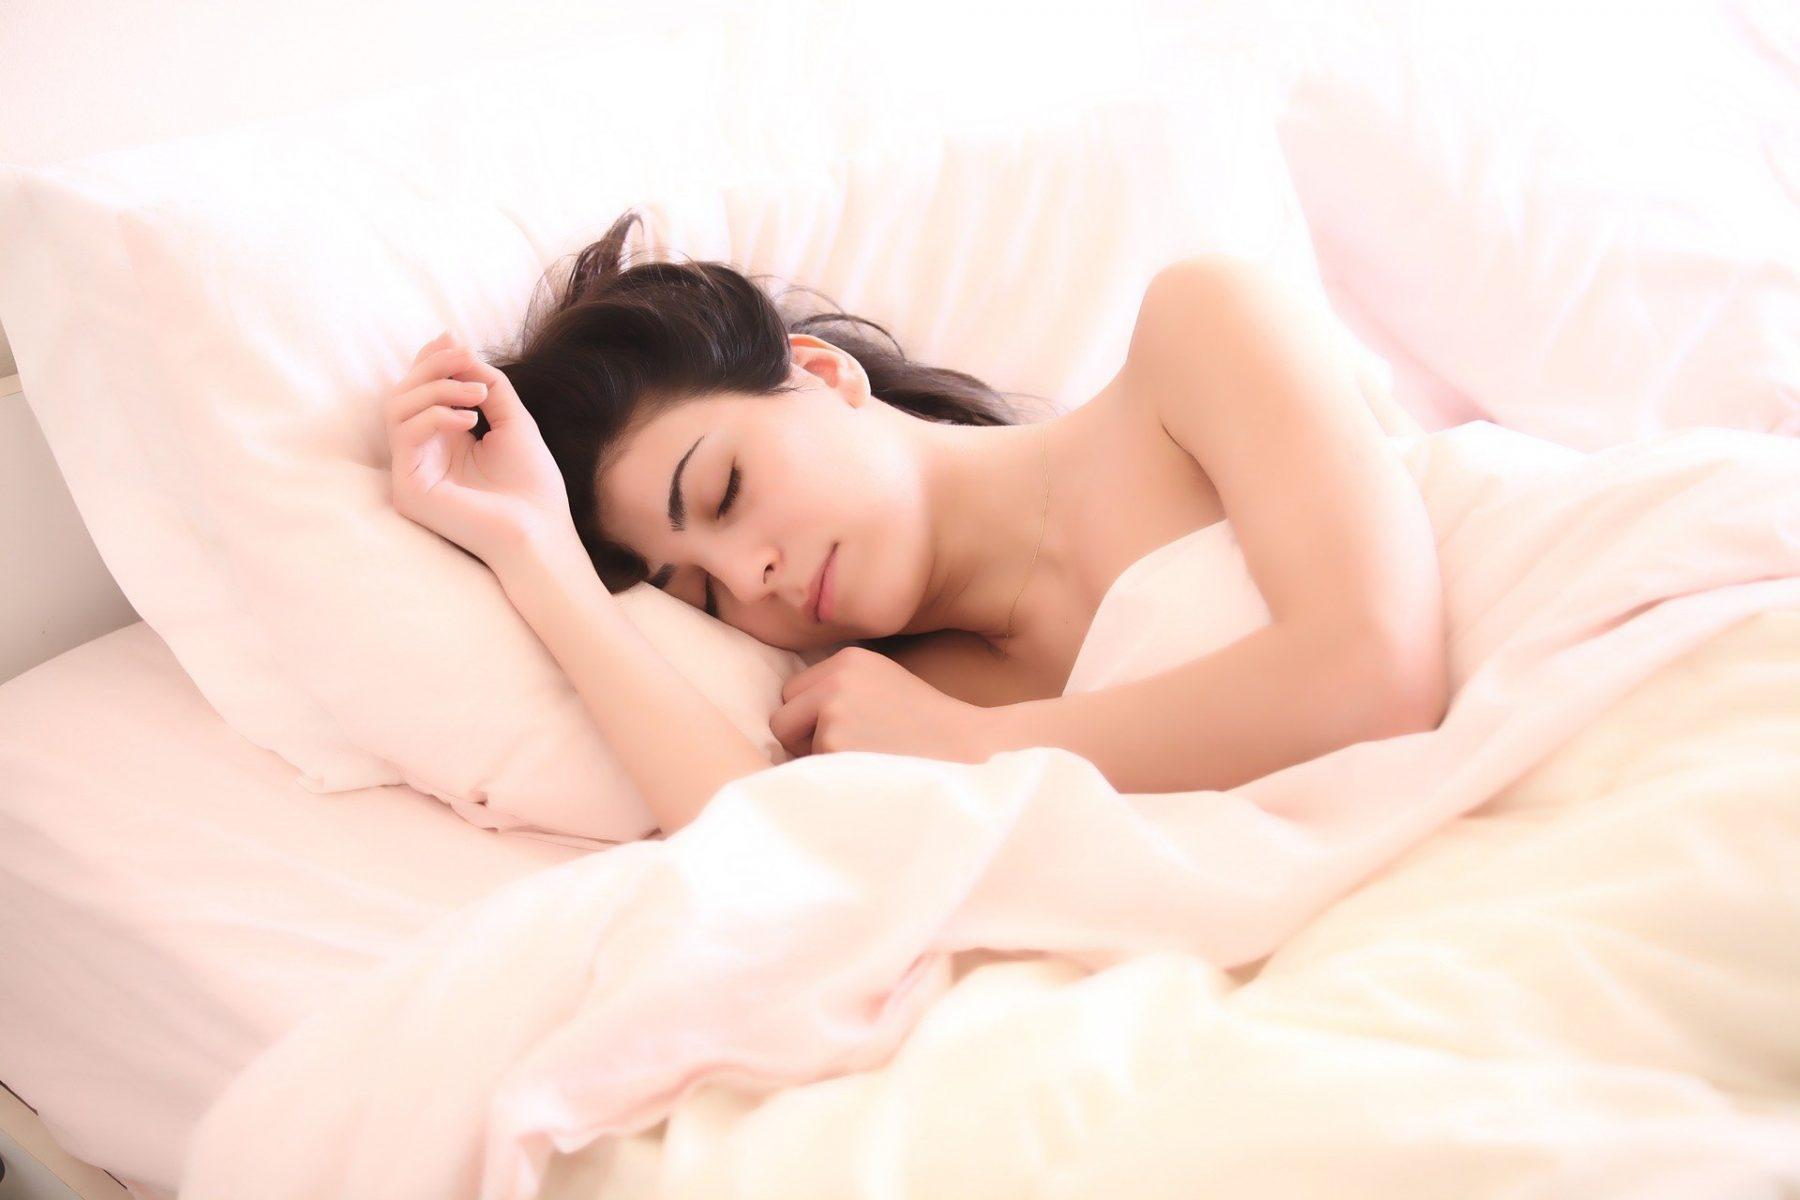 Επαρκής ύπνος: Κοιμάστε αρκετά για να φροντίσετε τον εαυτό σας;